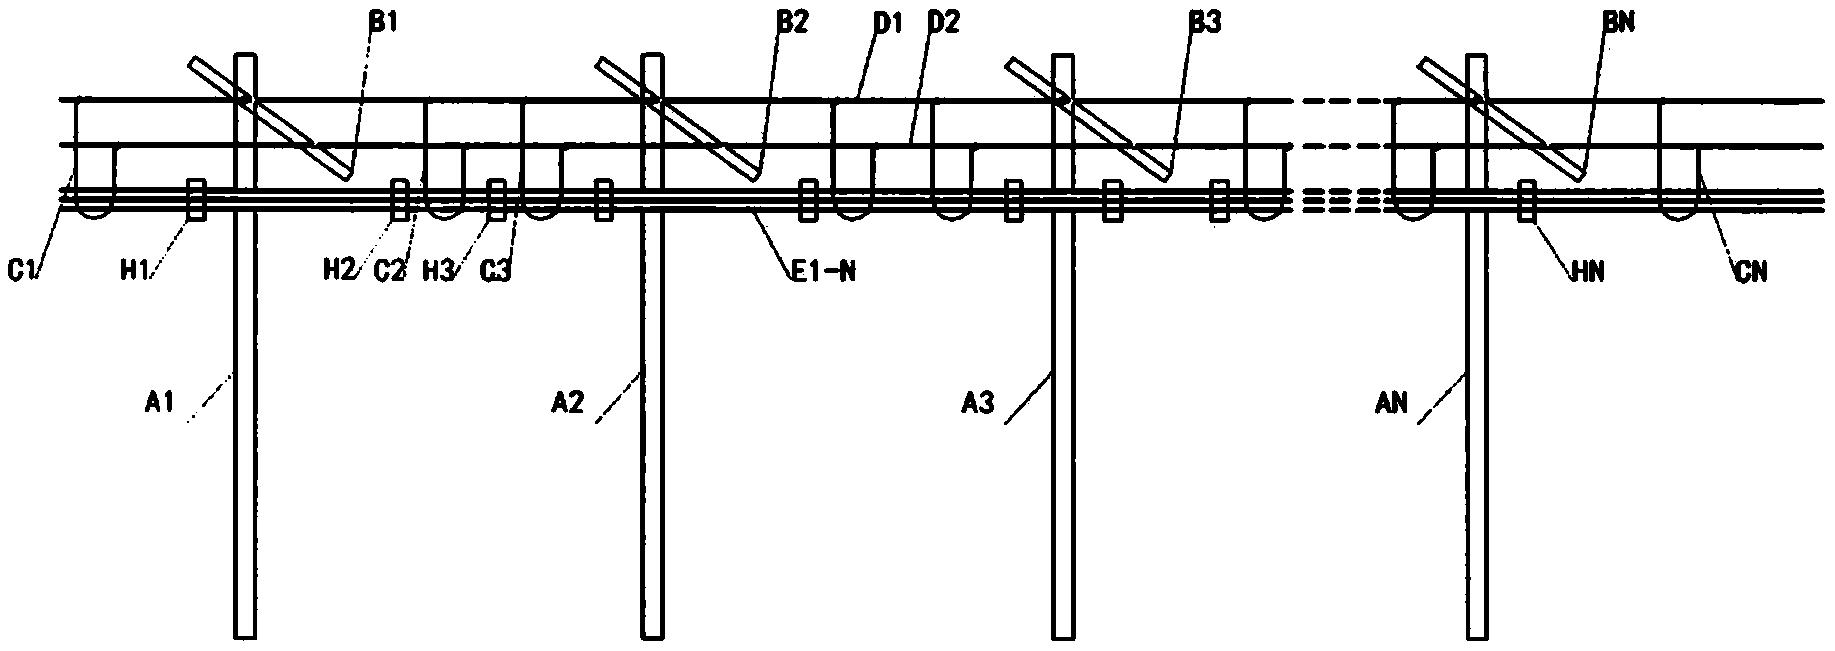 一种城区架空光缆软体线槽